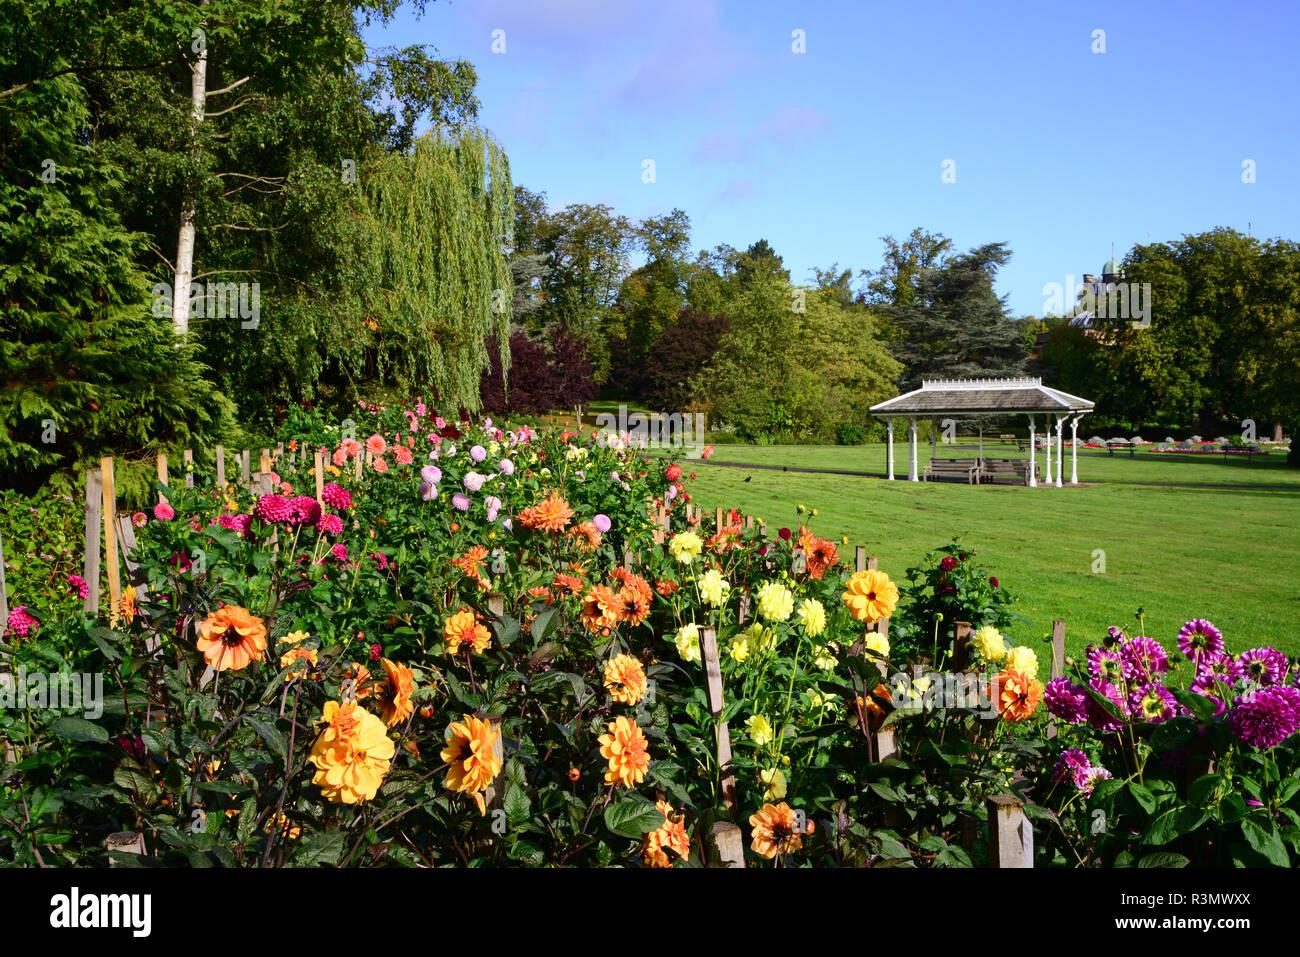 Pavillion en el parque de los jardines del valle de Harrogate Yorkshire, Reino Unido Foto de stock